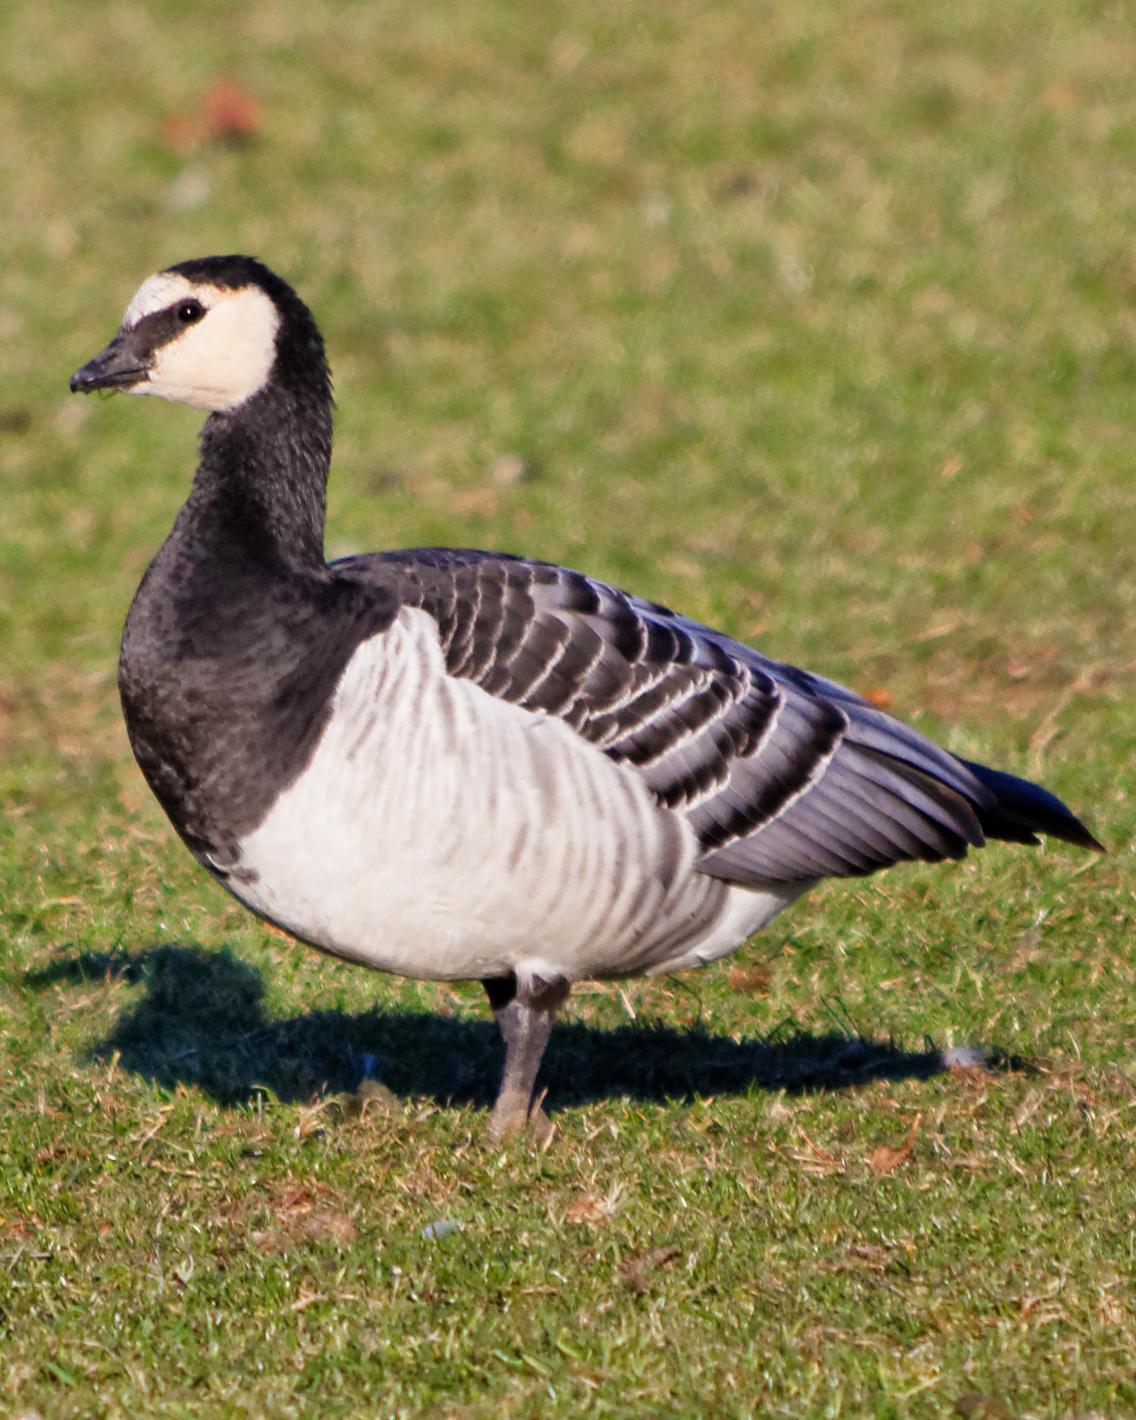 Barnacle Goose Photo by Eleanor Kwik